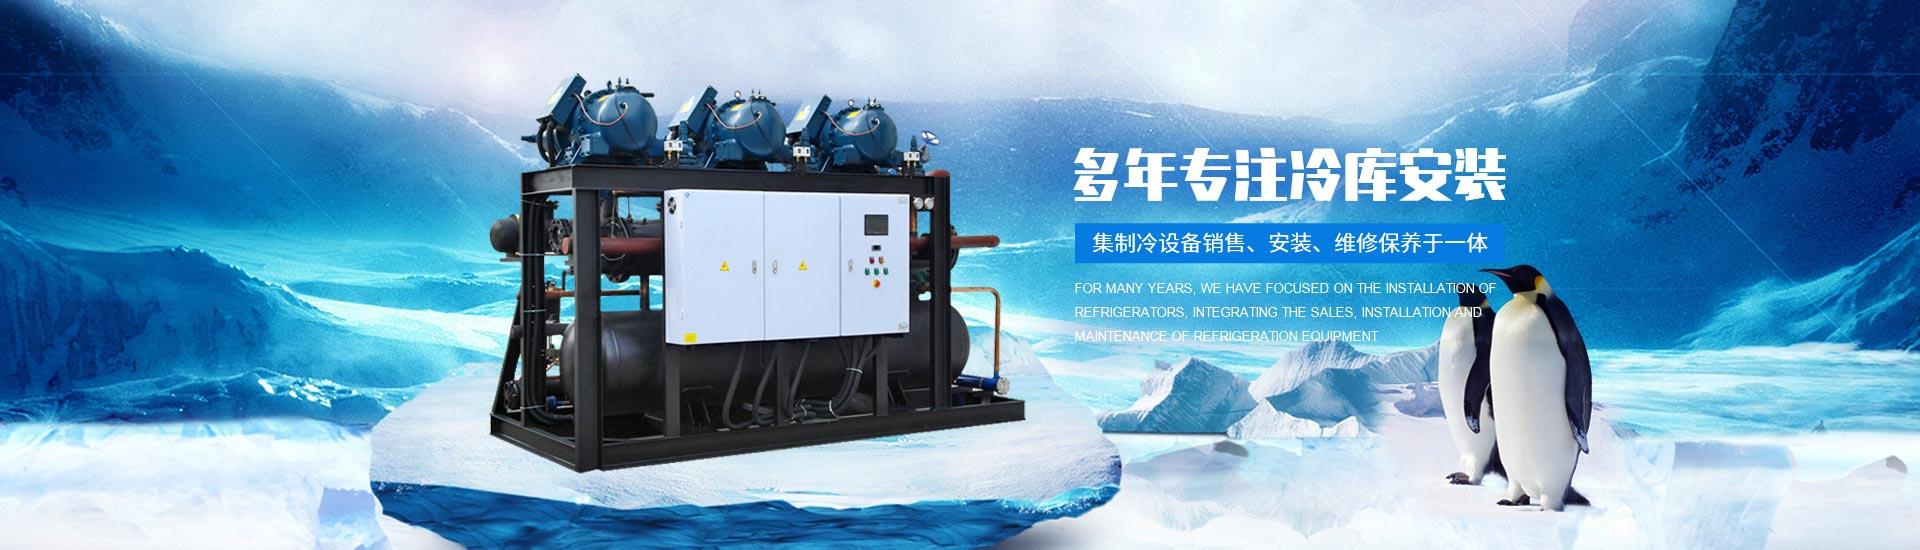 陜西制冷設備